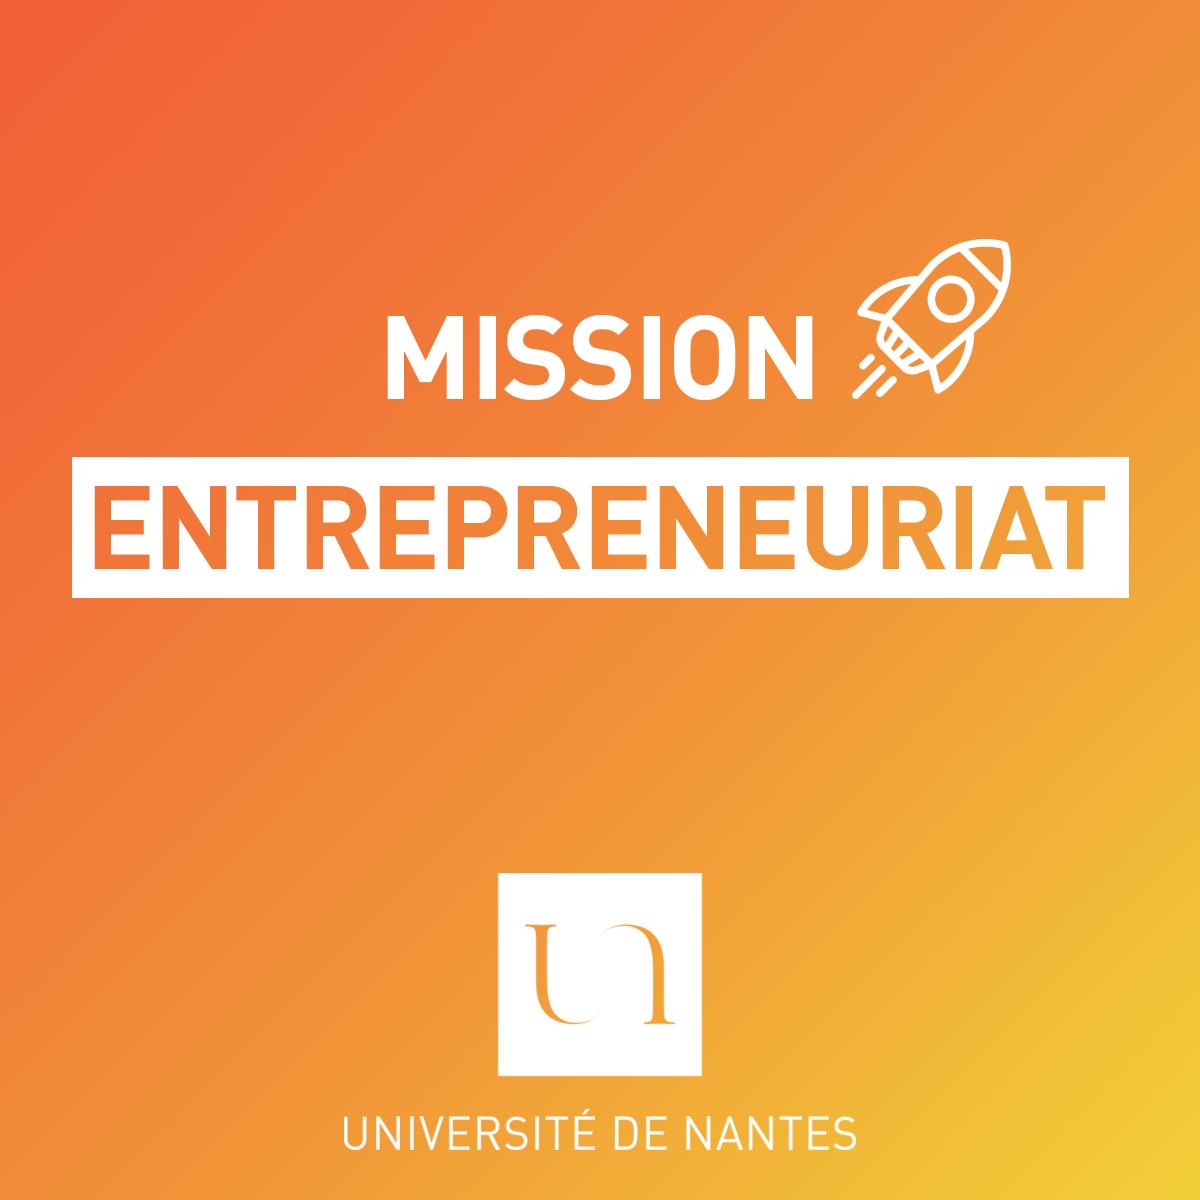 mission Entrepreneuriat - Université de Nantes